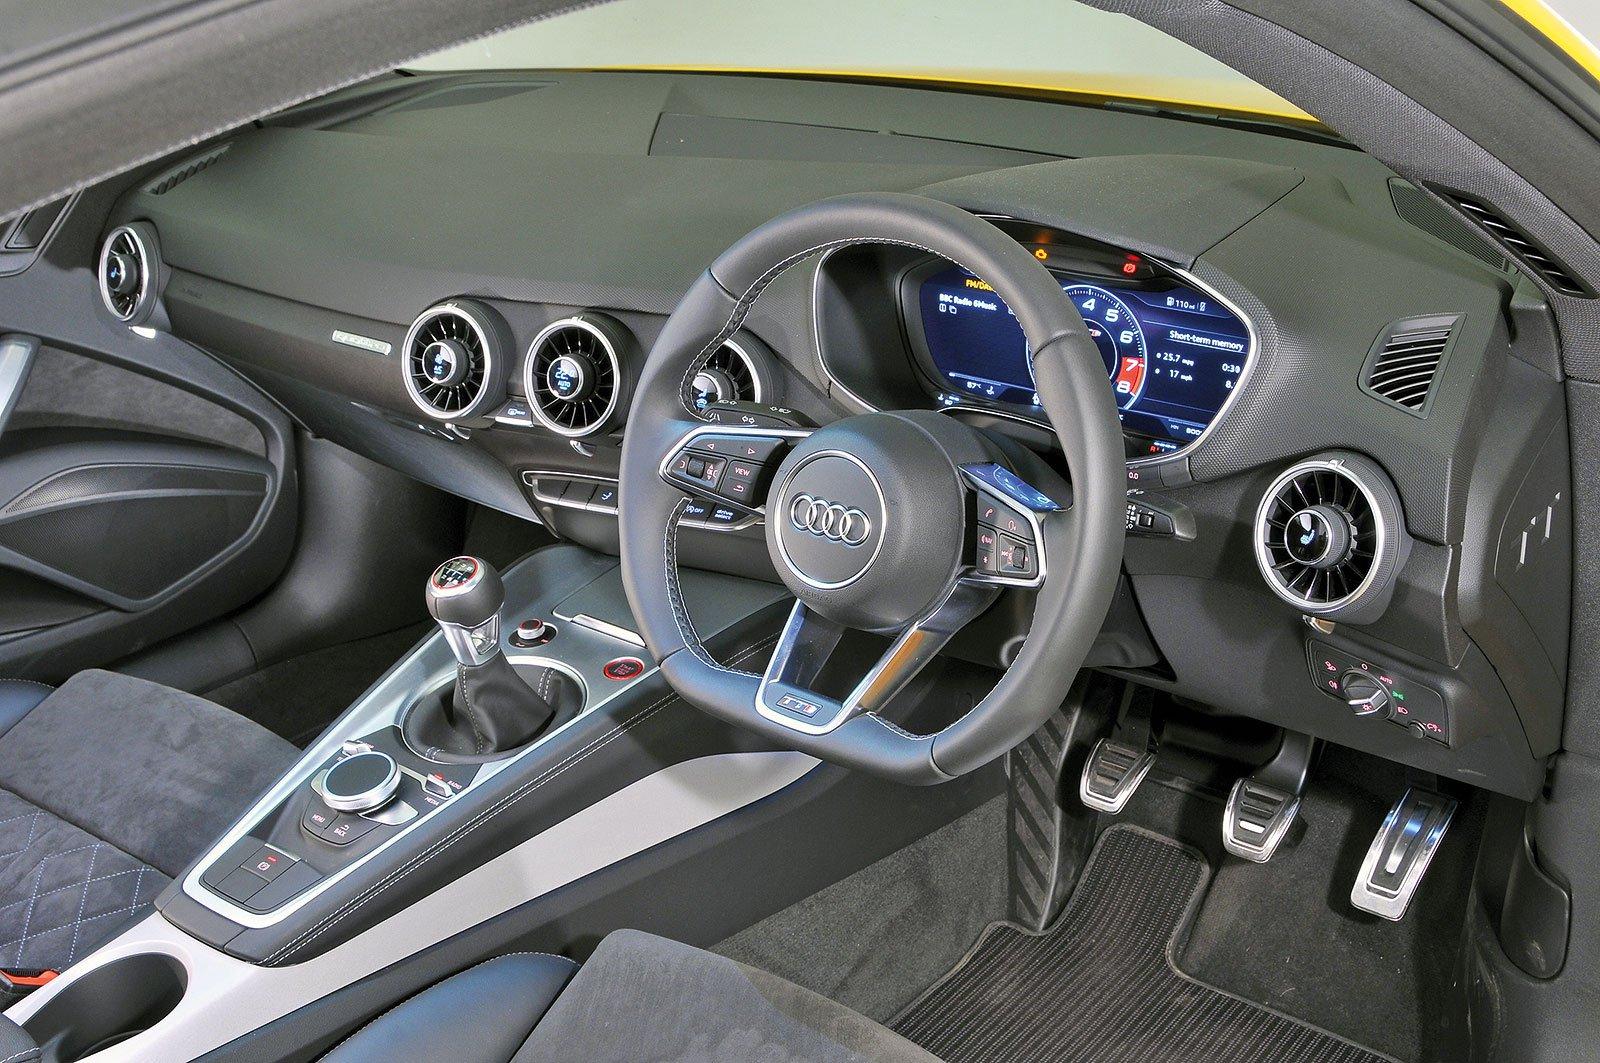 Audi TT (2014-present) - interior